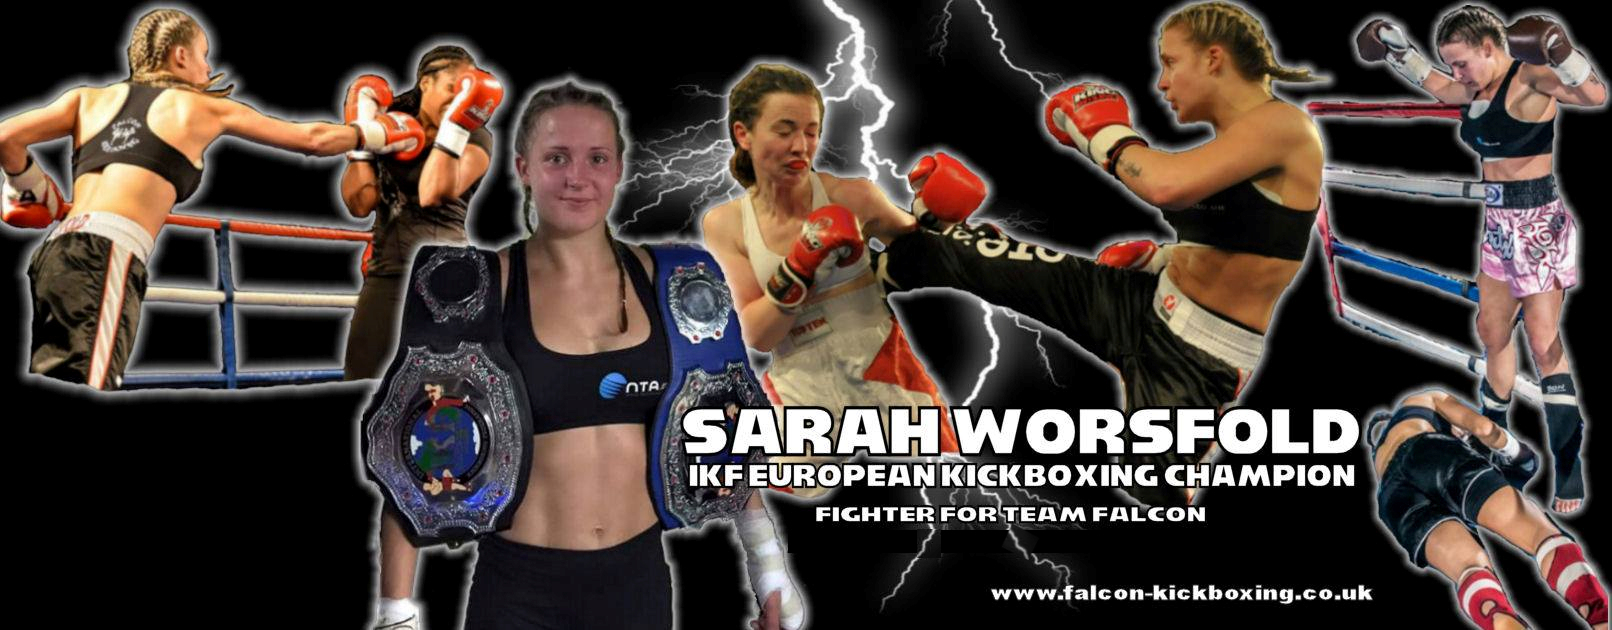 Sarah Worsfold